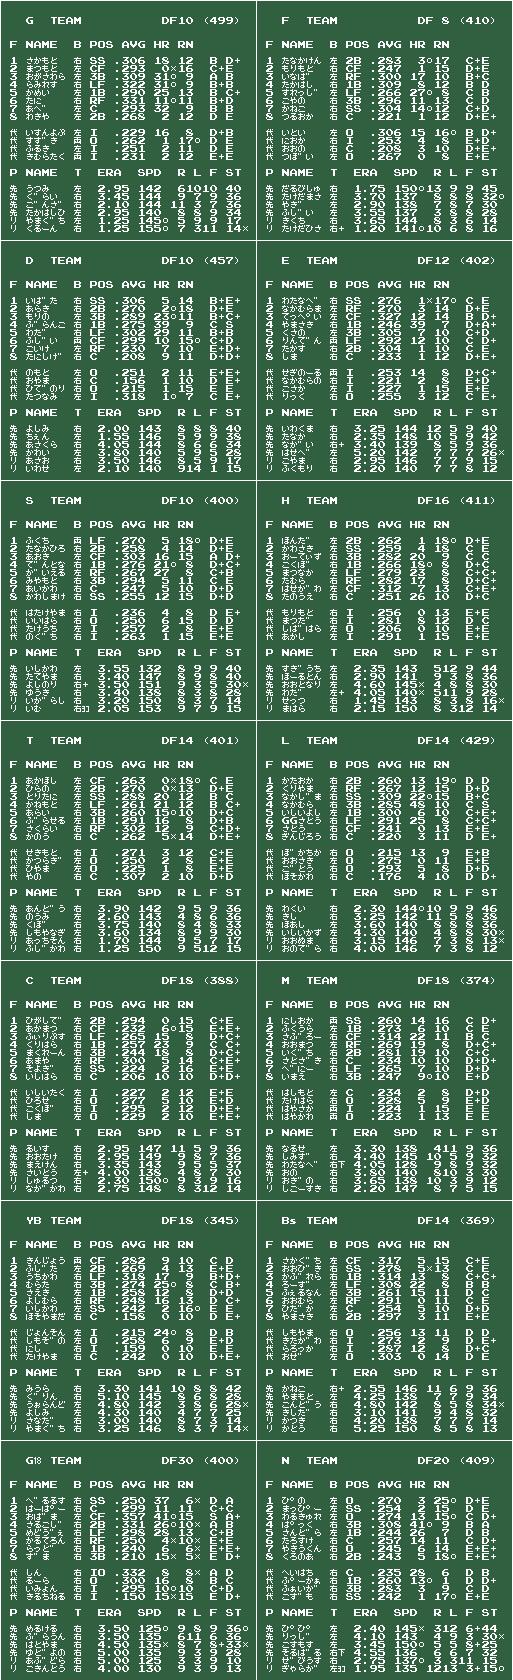 ファミスタ09 祝鷲初CS v2010/02/01 チームデータ